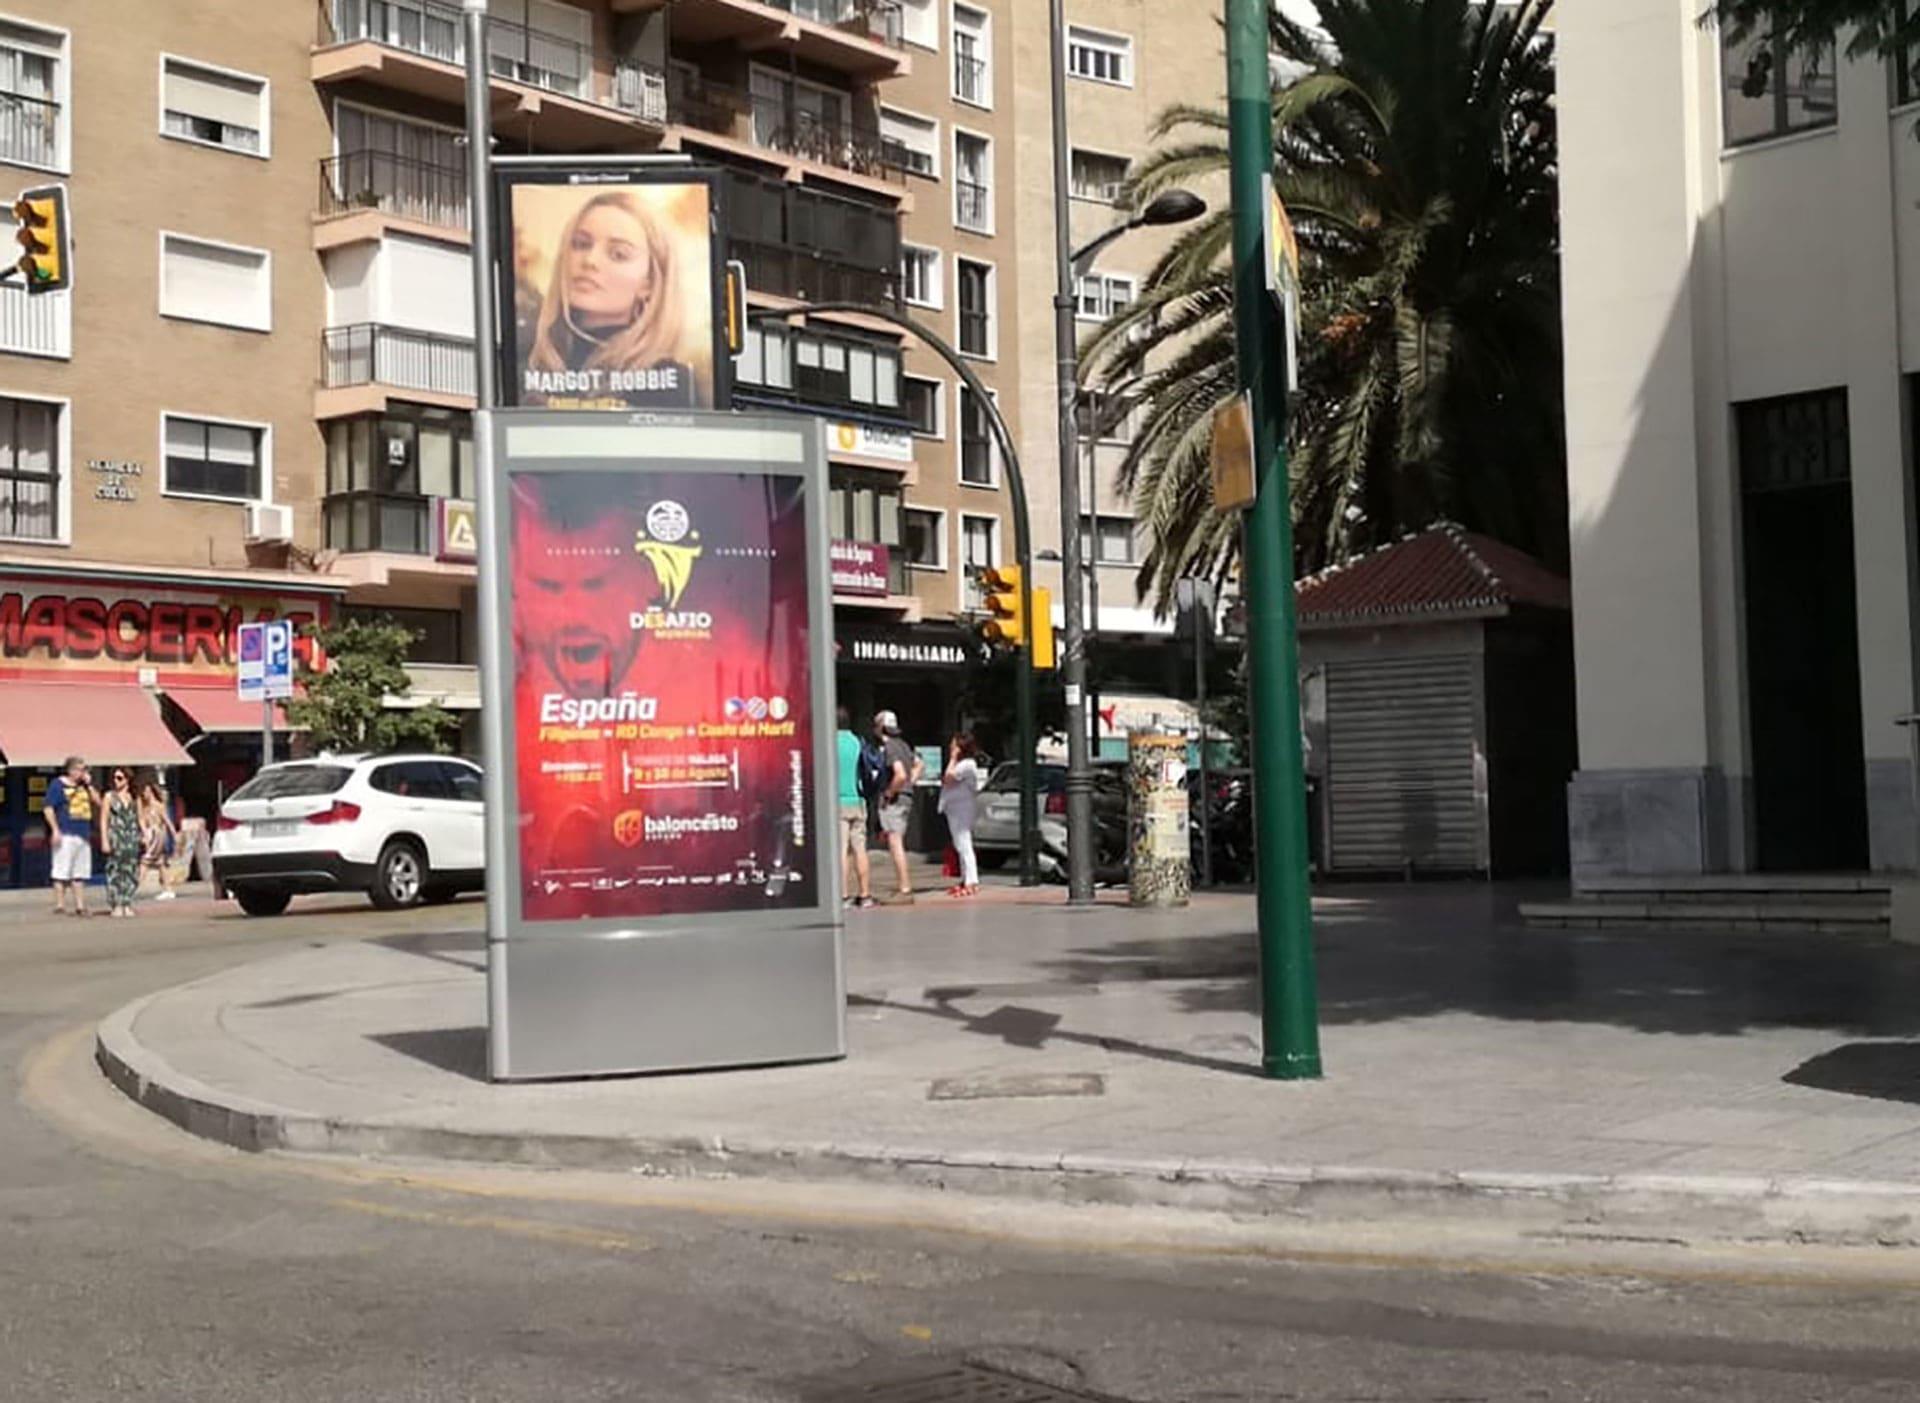 publicidad exterior en mupis para la Federación Española de Baloncesto